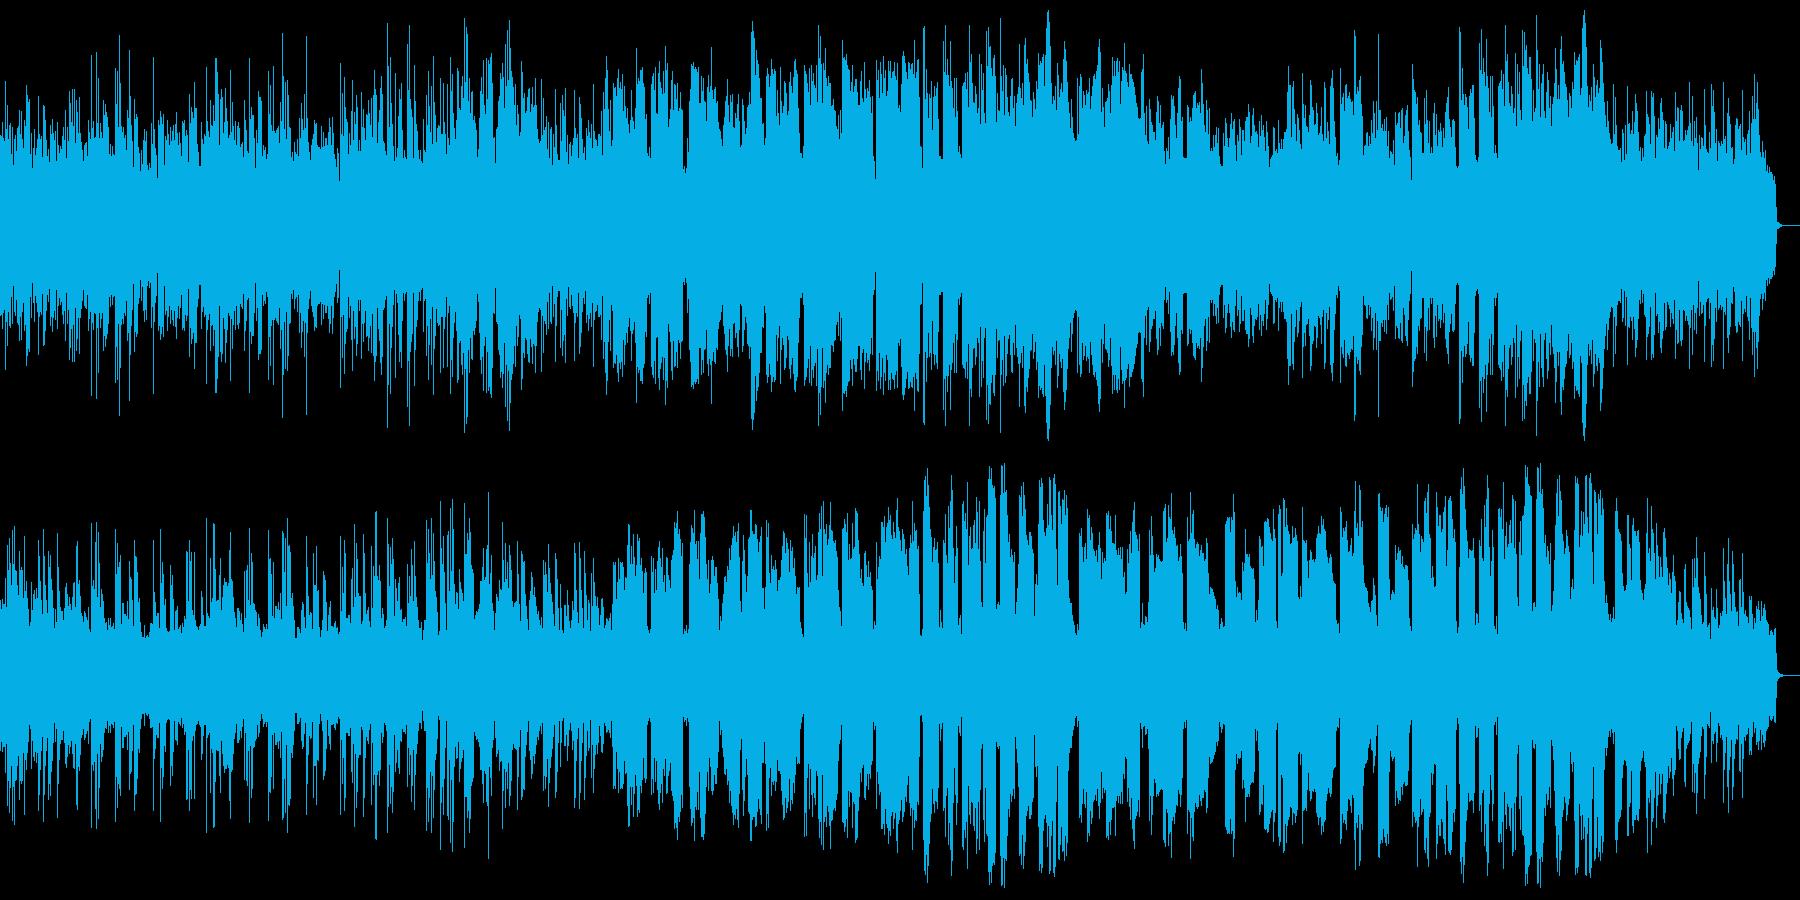 哀愁感のある大人のメロディアスな楽曲の再生済みの波形